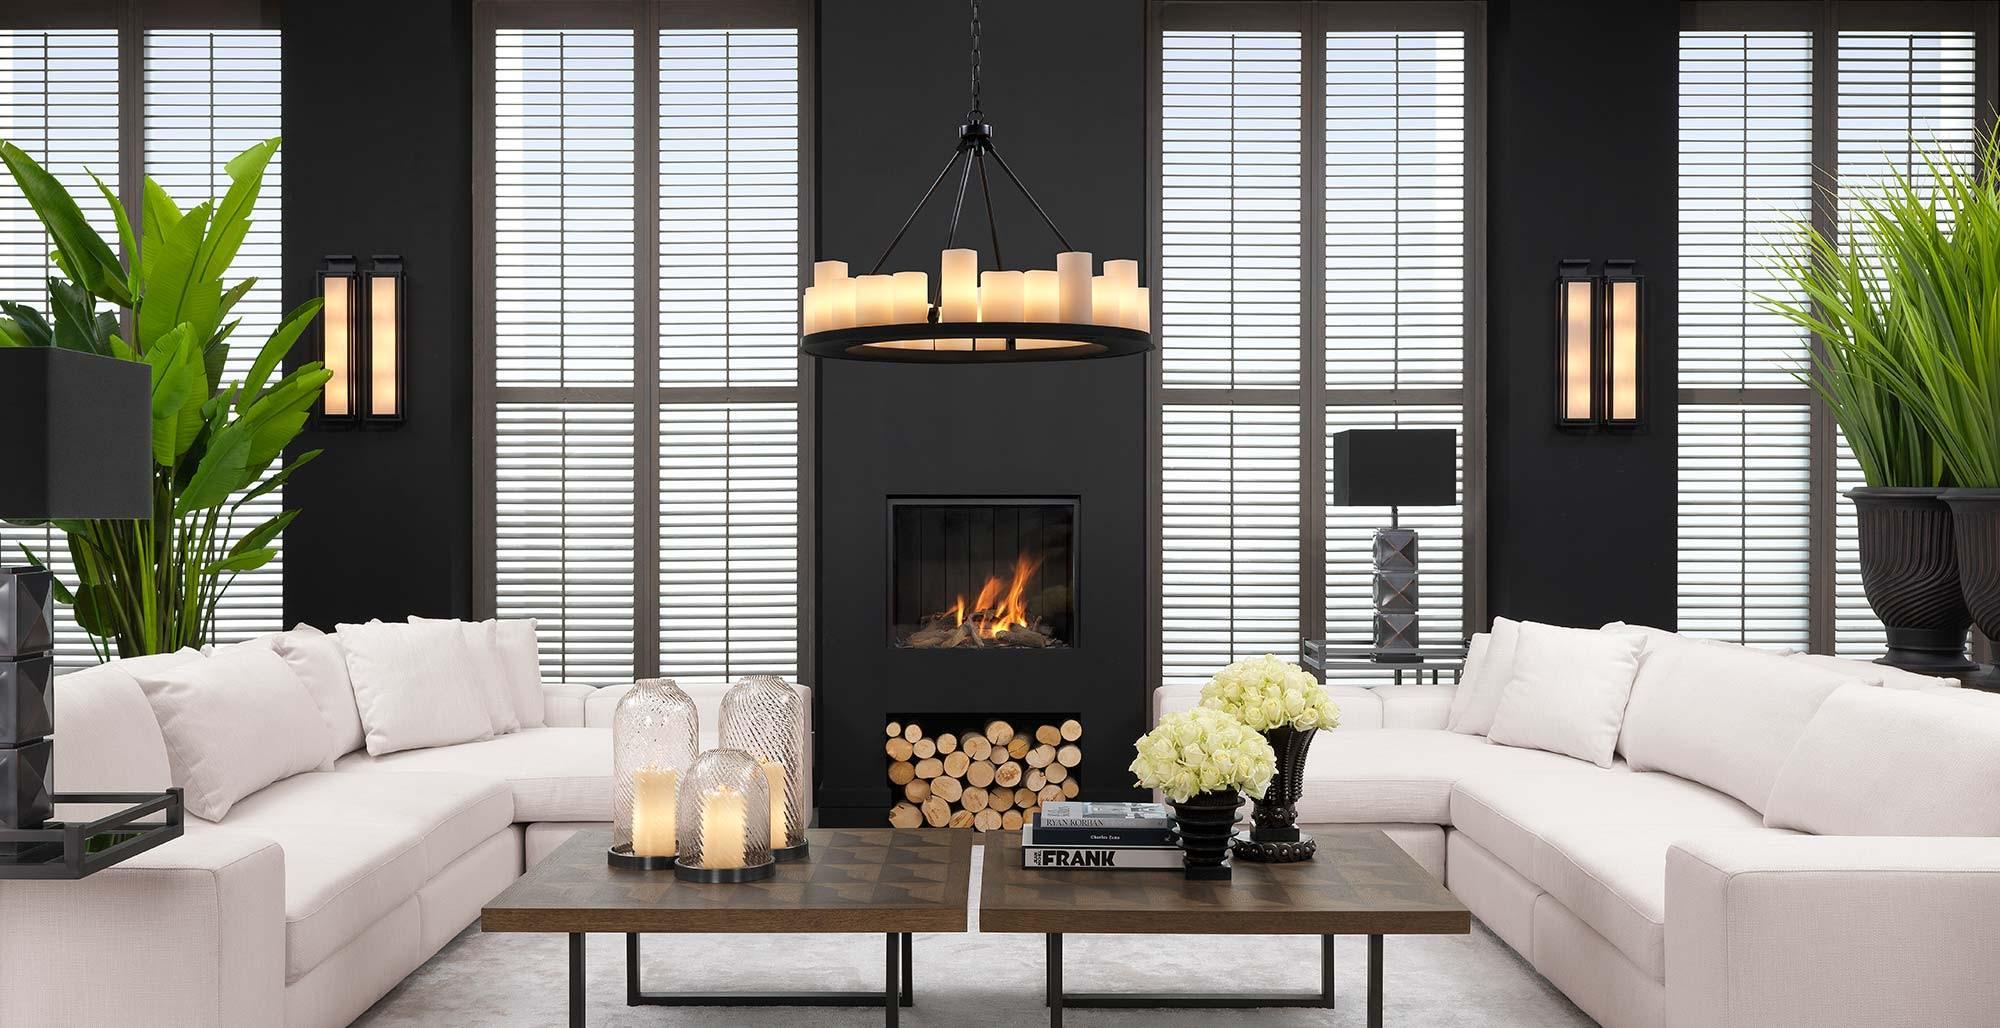 Eichholtz Furniture - Luxury Living Room Design - LuxDeco.com